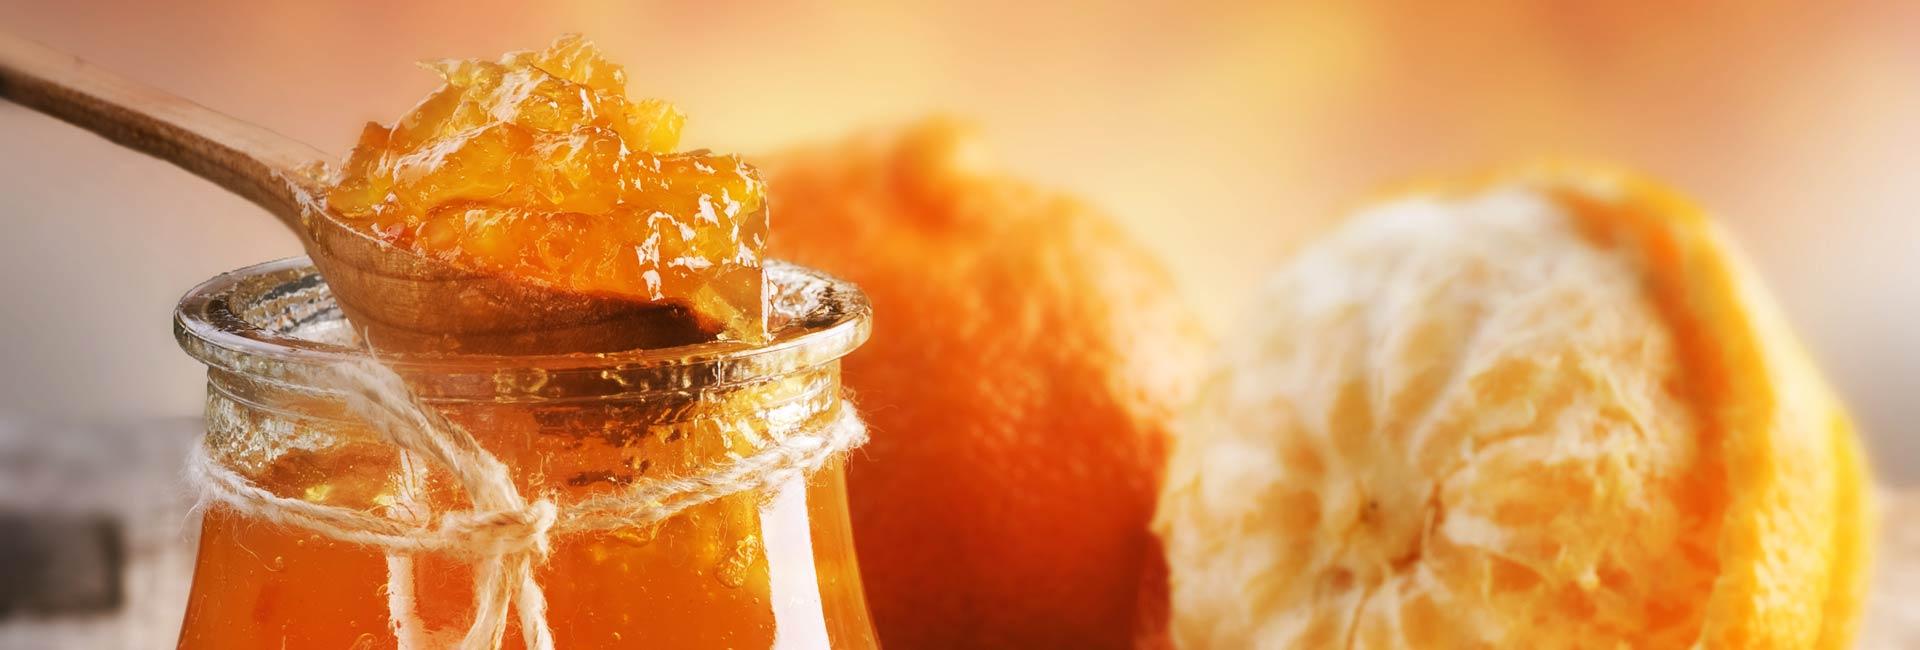 Rev_slid_1920_650_sinaas-marmelade